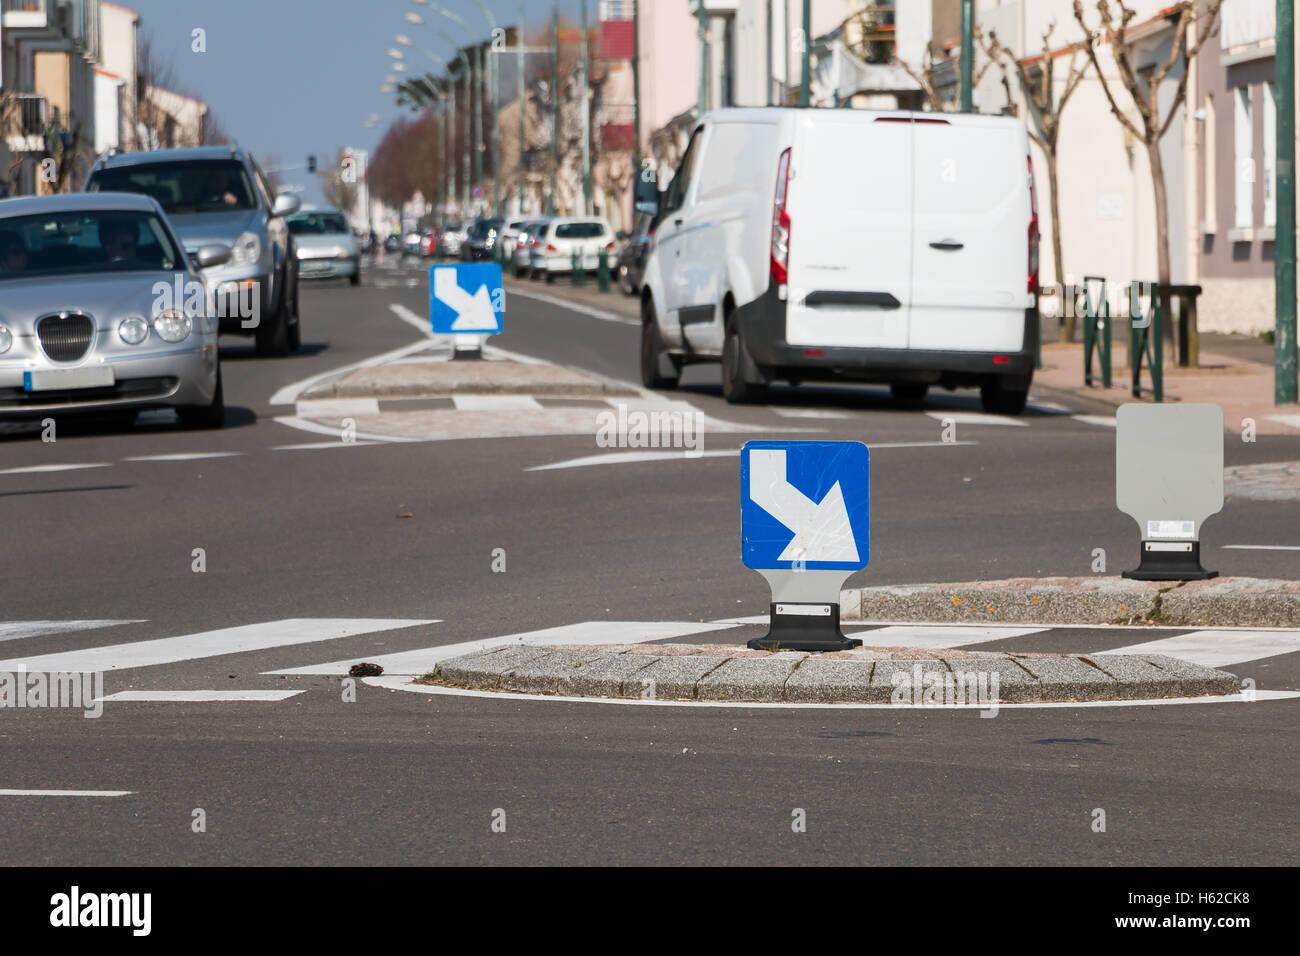 Sables Olonnes, Frankreich - 20. März 2016: Kreisverkehr Kreisverkehr Rotary, wenn die Menschen in die Arbeit Stockbild